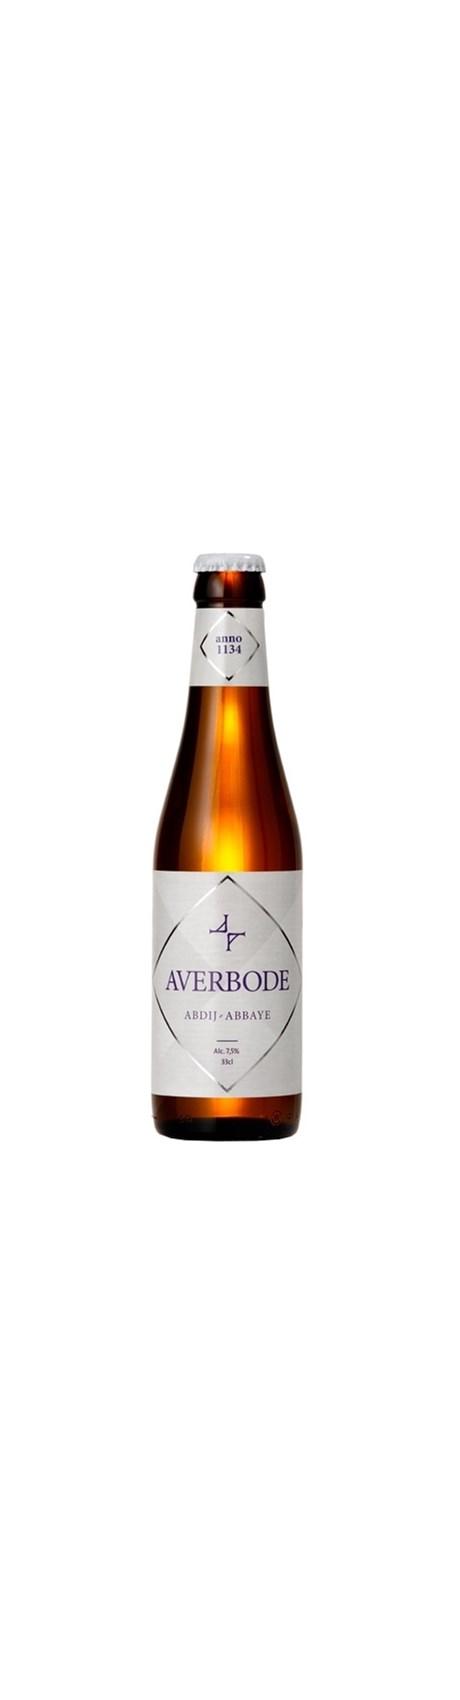 Averbode 330ml